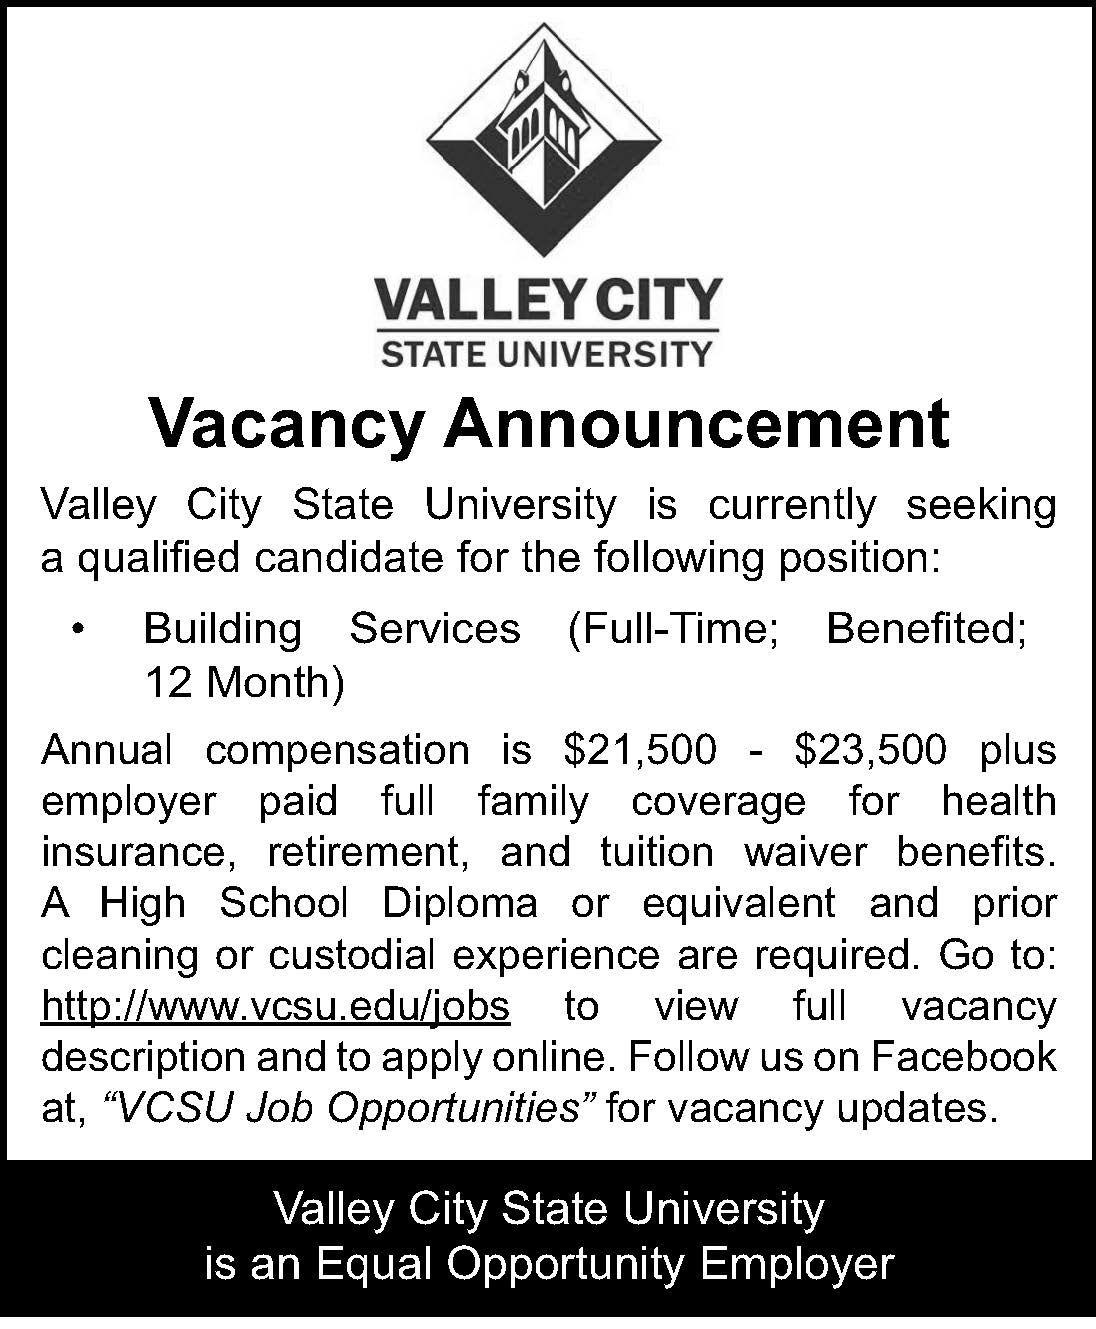 VCSU/Building Services